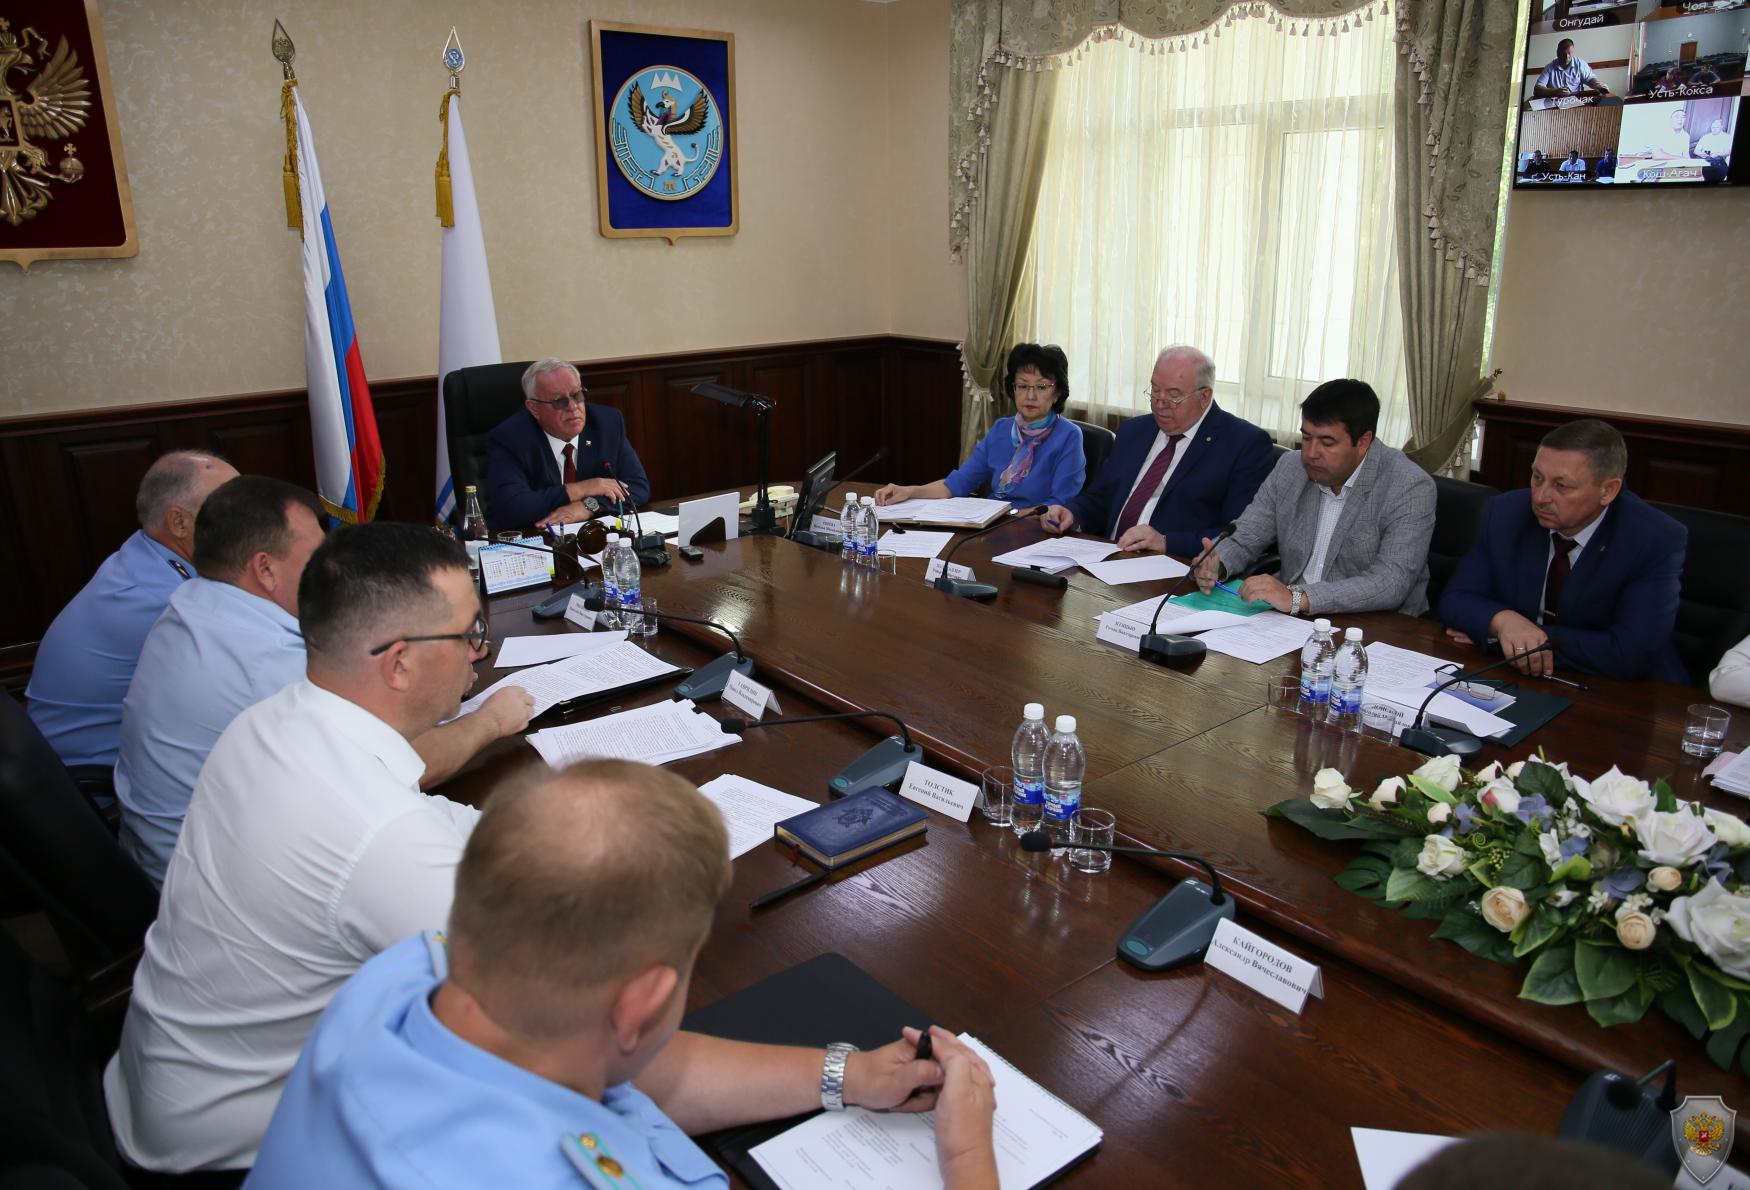 Совместное заседание Антитеррористической комиссии Республики Алтай и Оперативного штаба в Республике Алтай